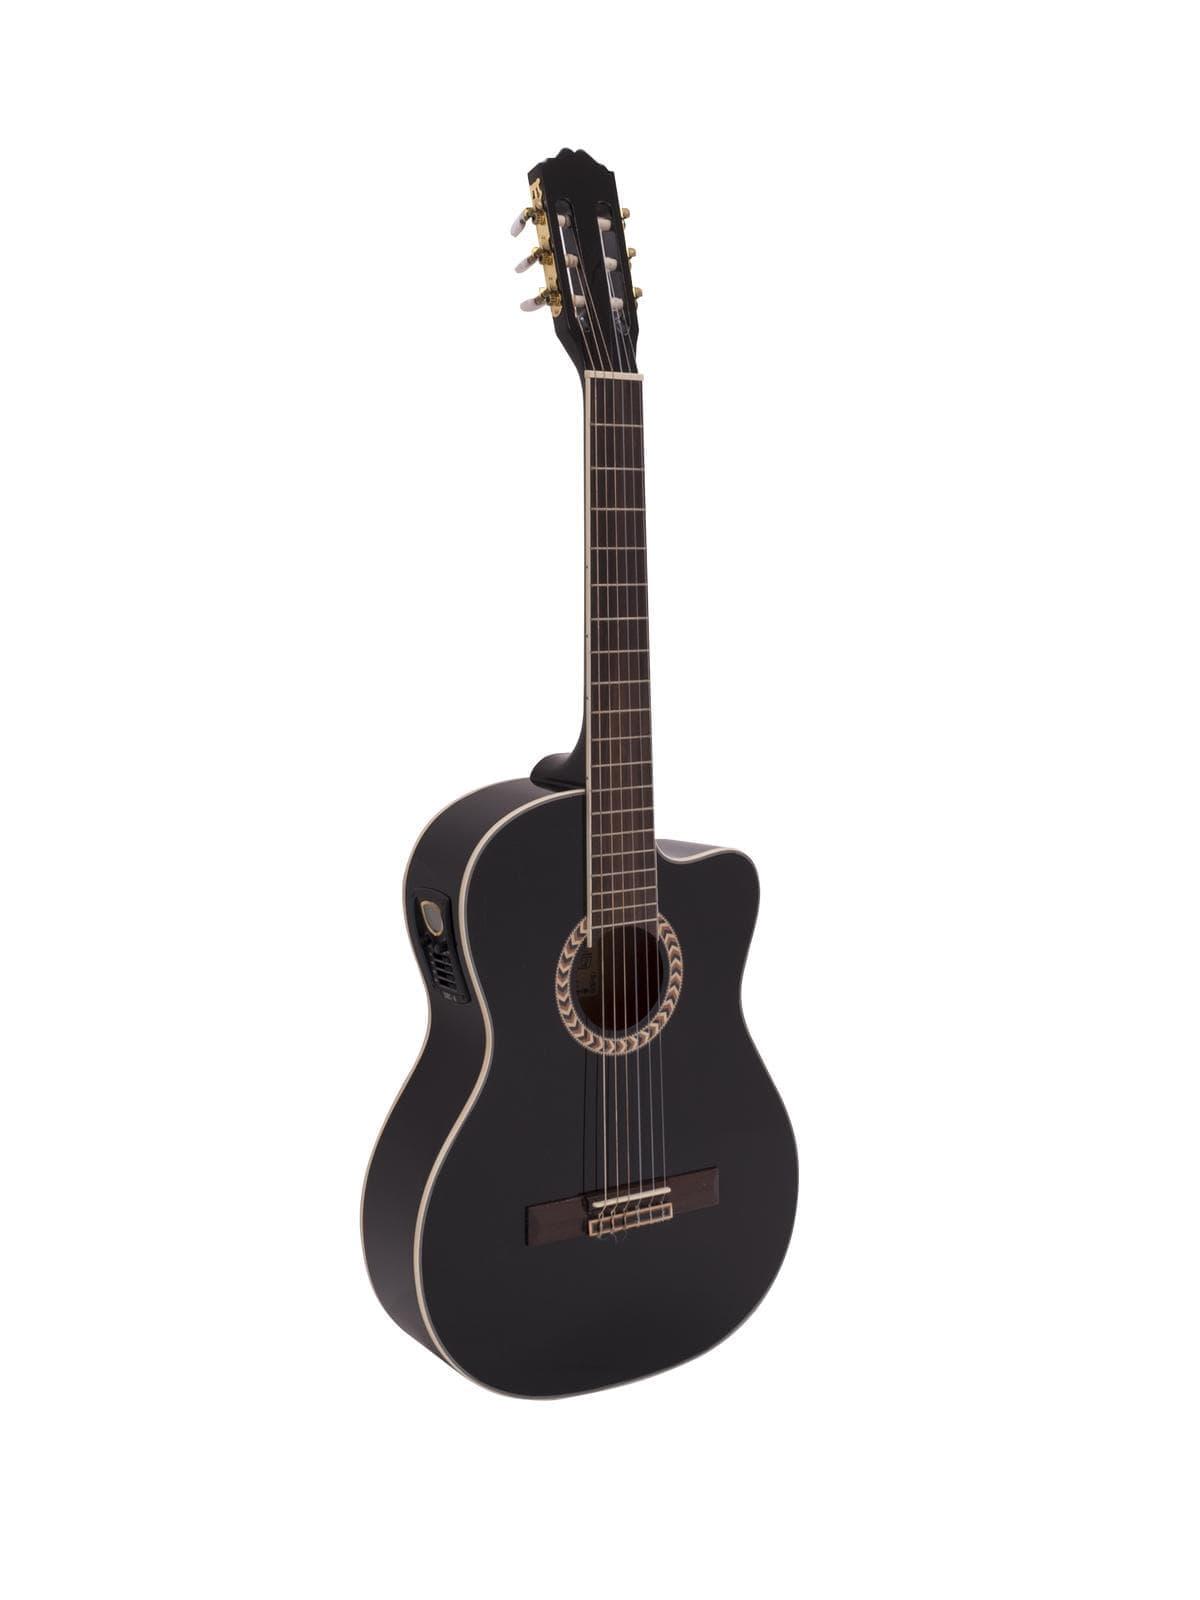 DIMAVERY CN-600E Classical guitar, schwarz